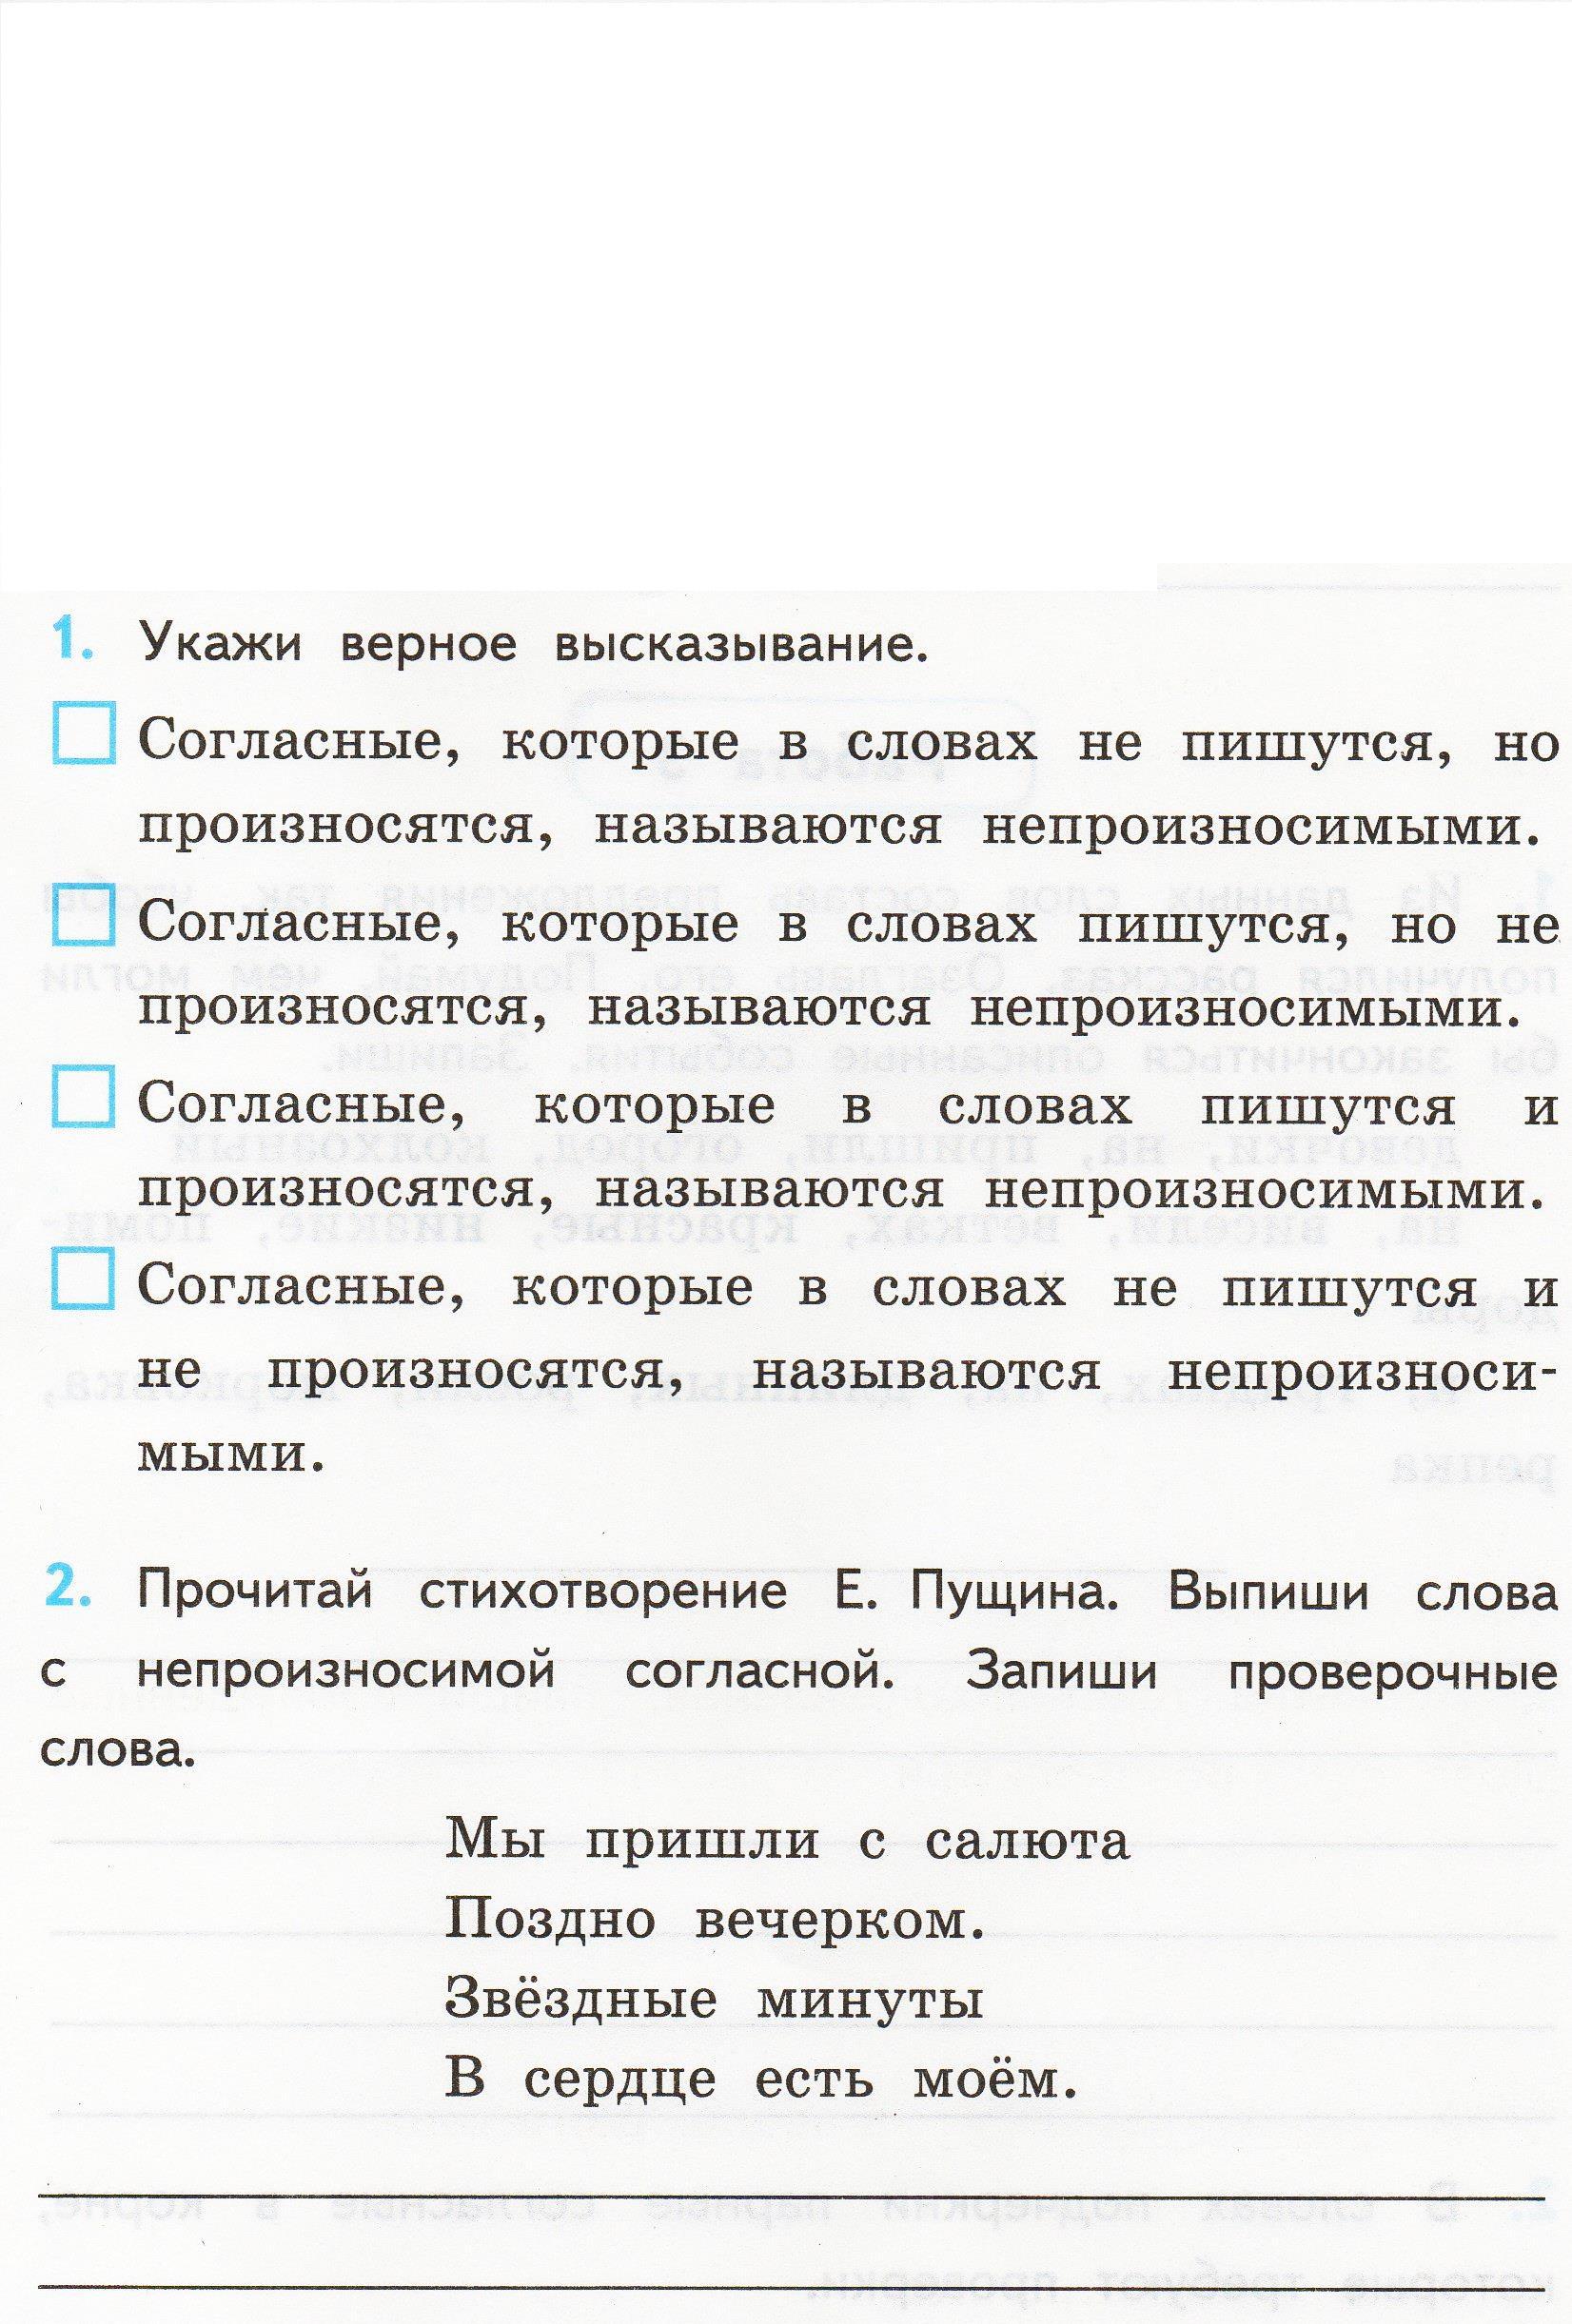 Контрольный диктант по русскому языку 3 класса по системе занкова вторая четверть